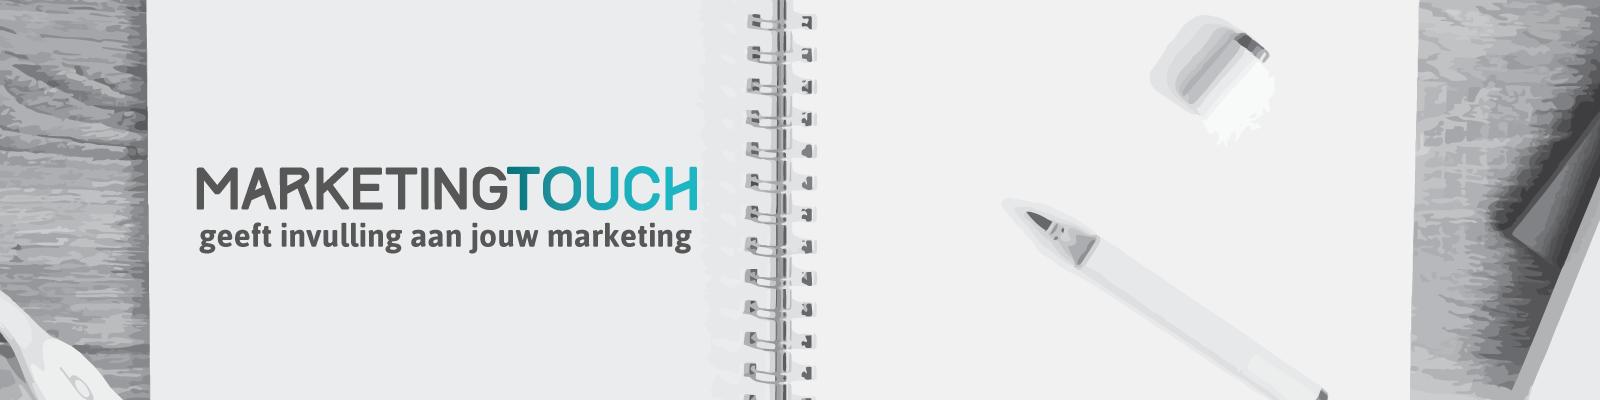 MarketingTouch-geeft-invulling-aan-jouw-marketing-grijs